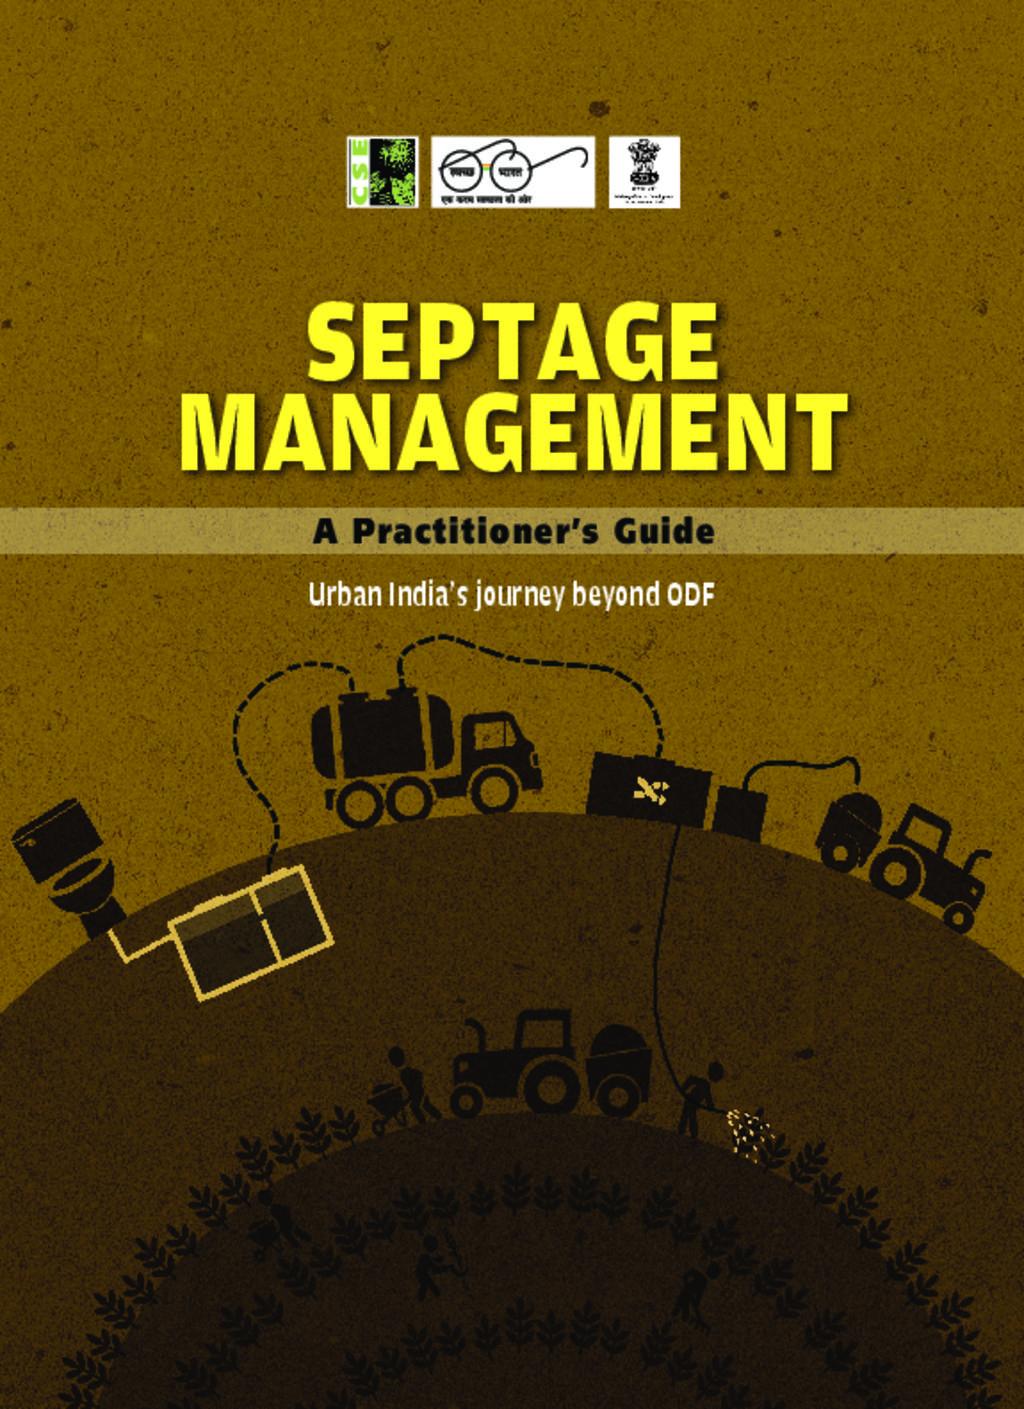 Septage Management